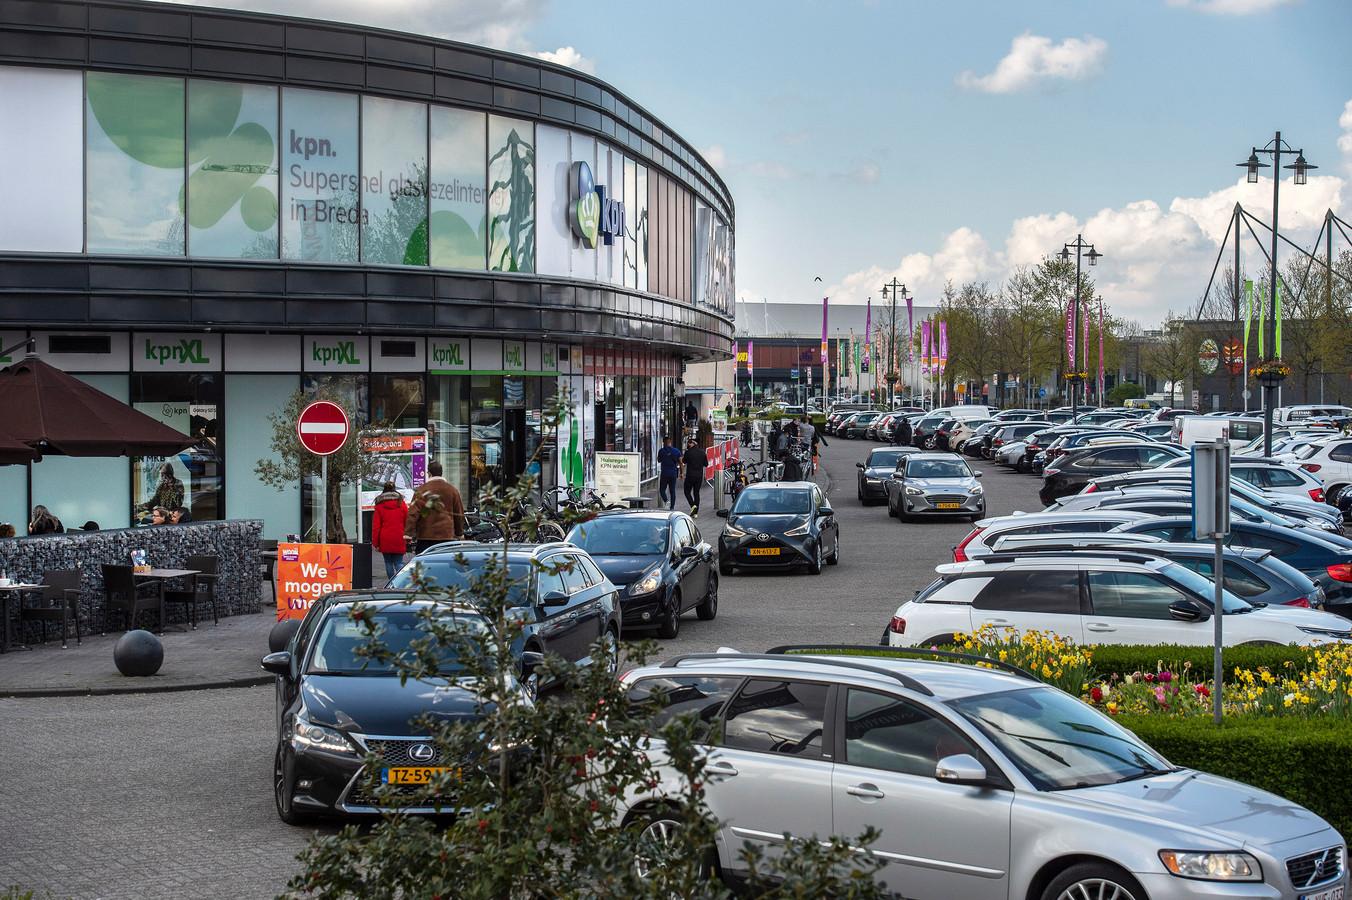 De regels voor winkelbezoek zijn versoepeld en klanten hoeven niet meer van te voren te reserveren. Hoe verloopt het eerste weekend op de meubelboulevard? Zoeken naar een plek en eindelijk weer volle parkeerplaatsen op de woonboulevard.